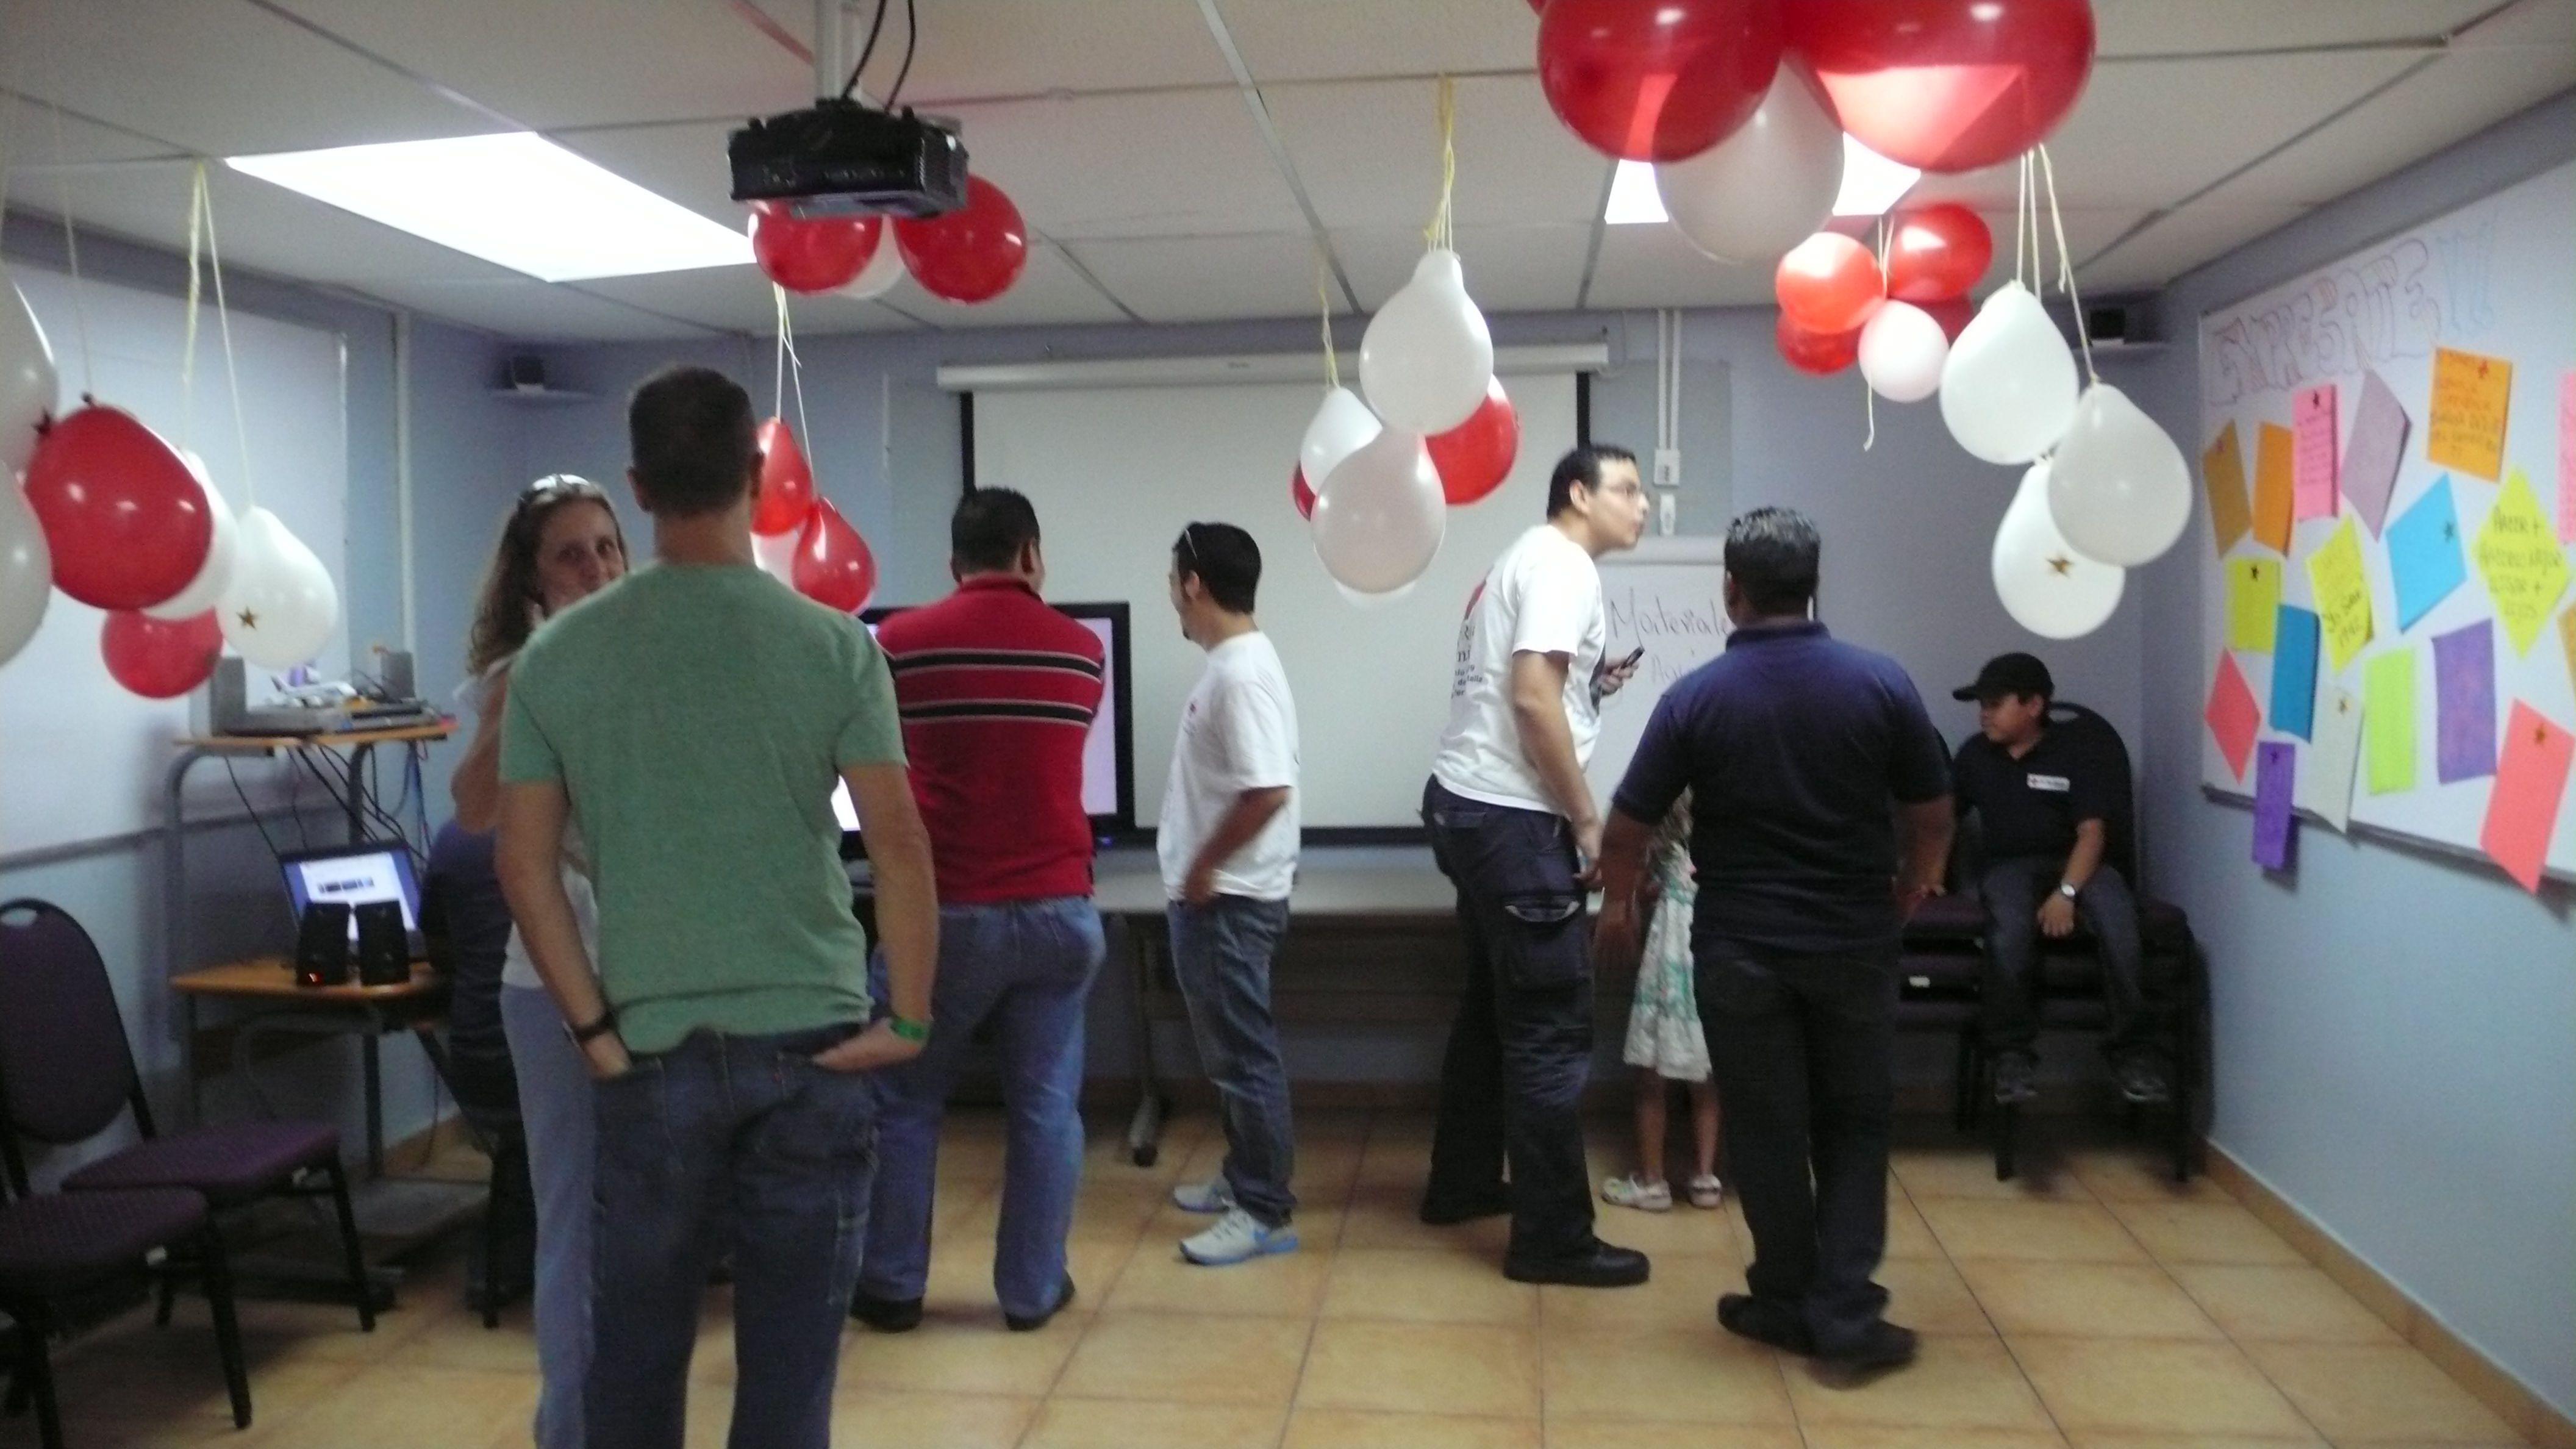 Nuestros voluntarios y amigos de la Cruz Roja Panameña conviven en la actividad EnAmorArte